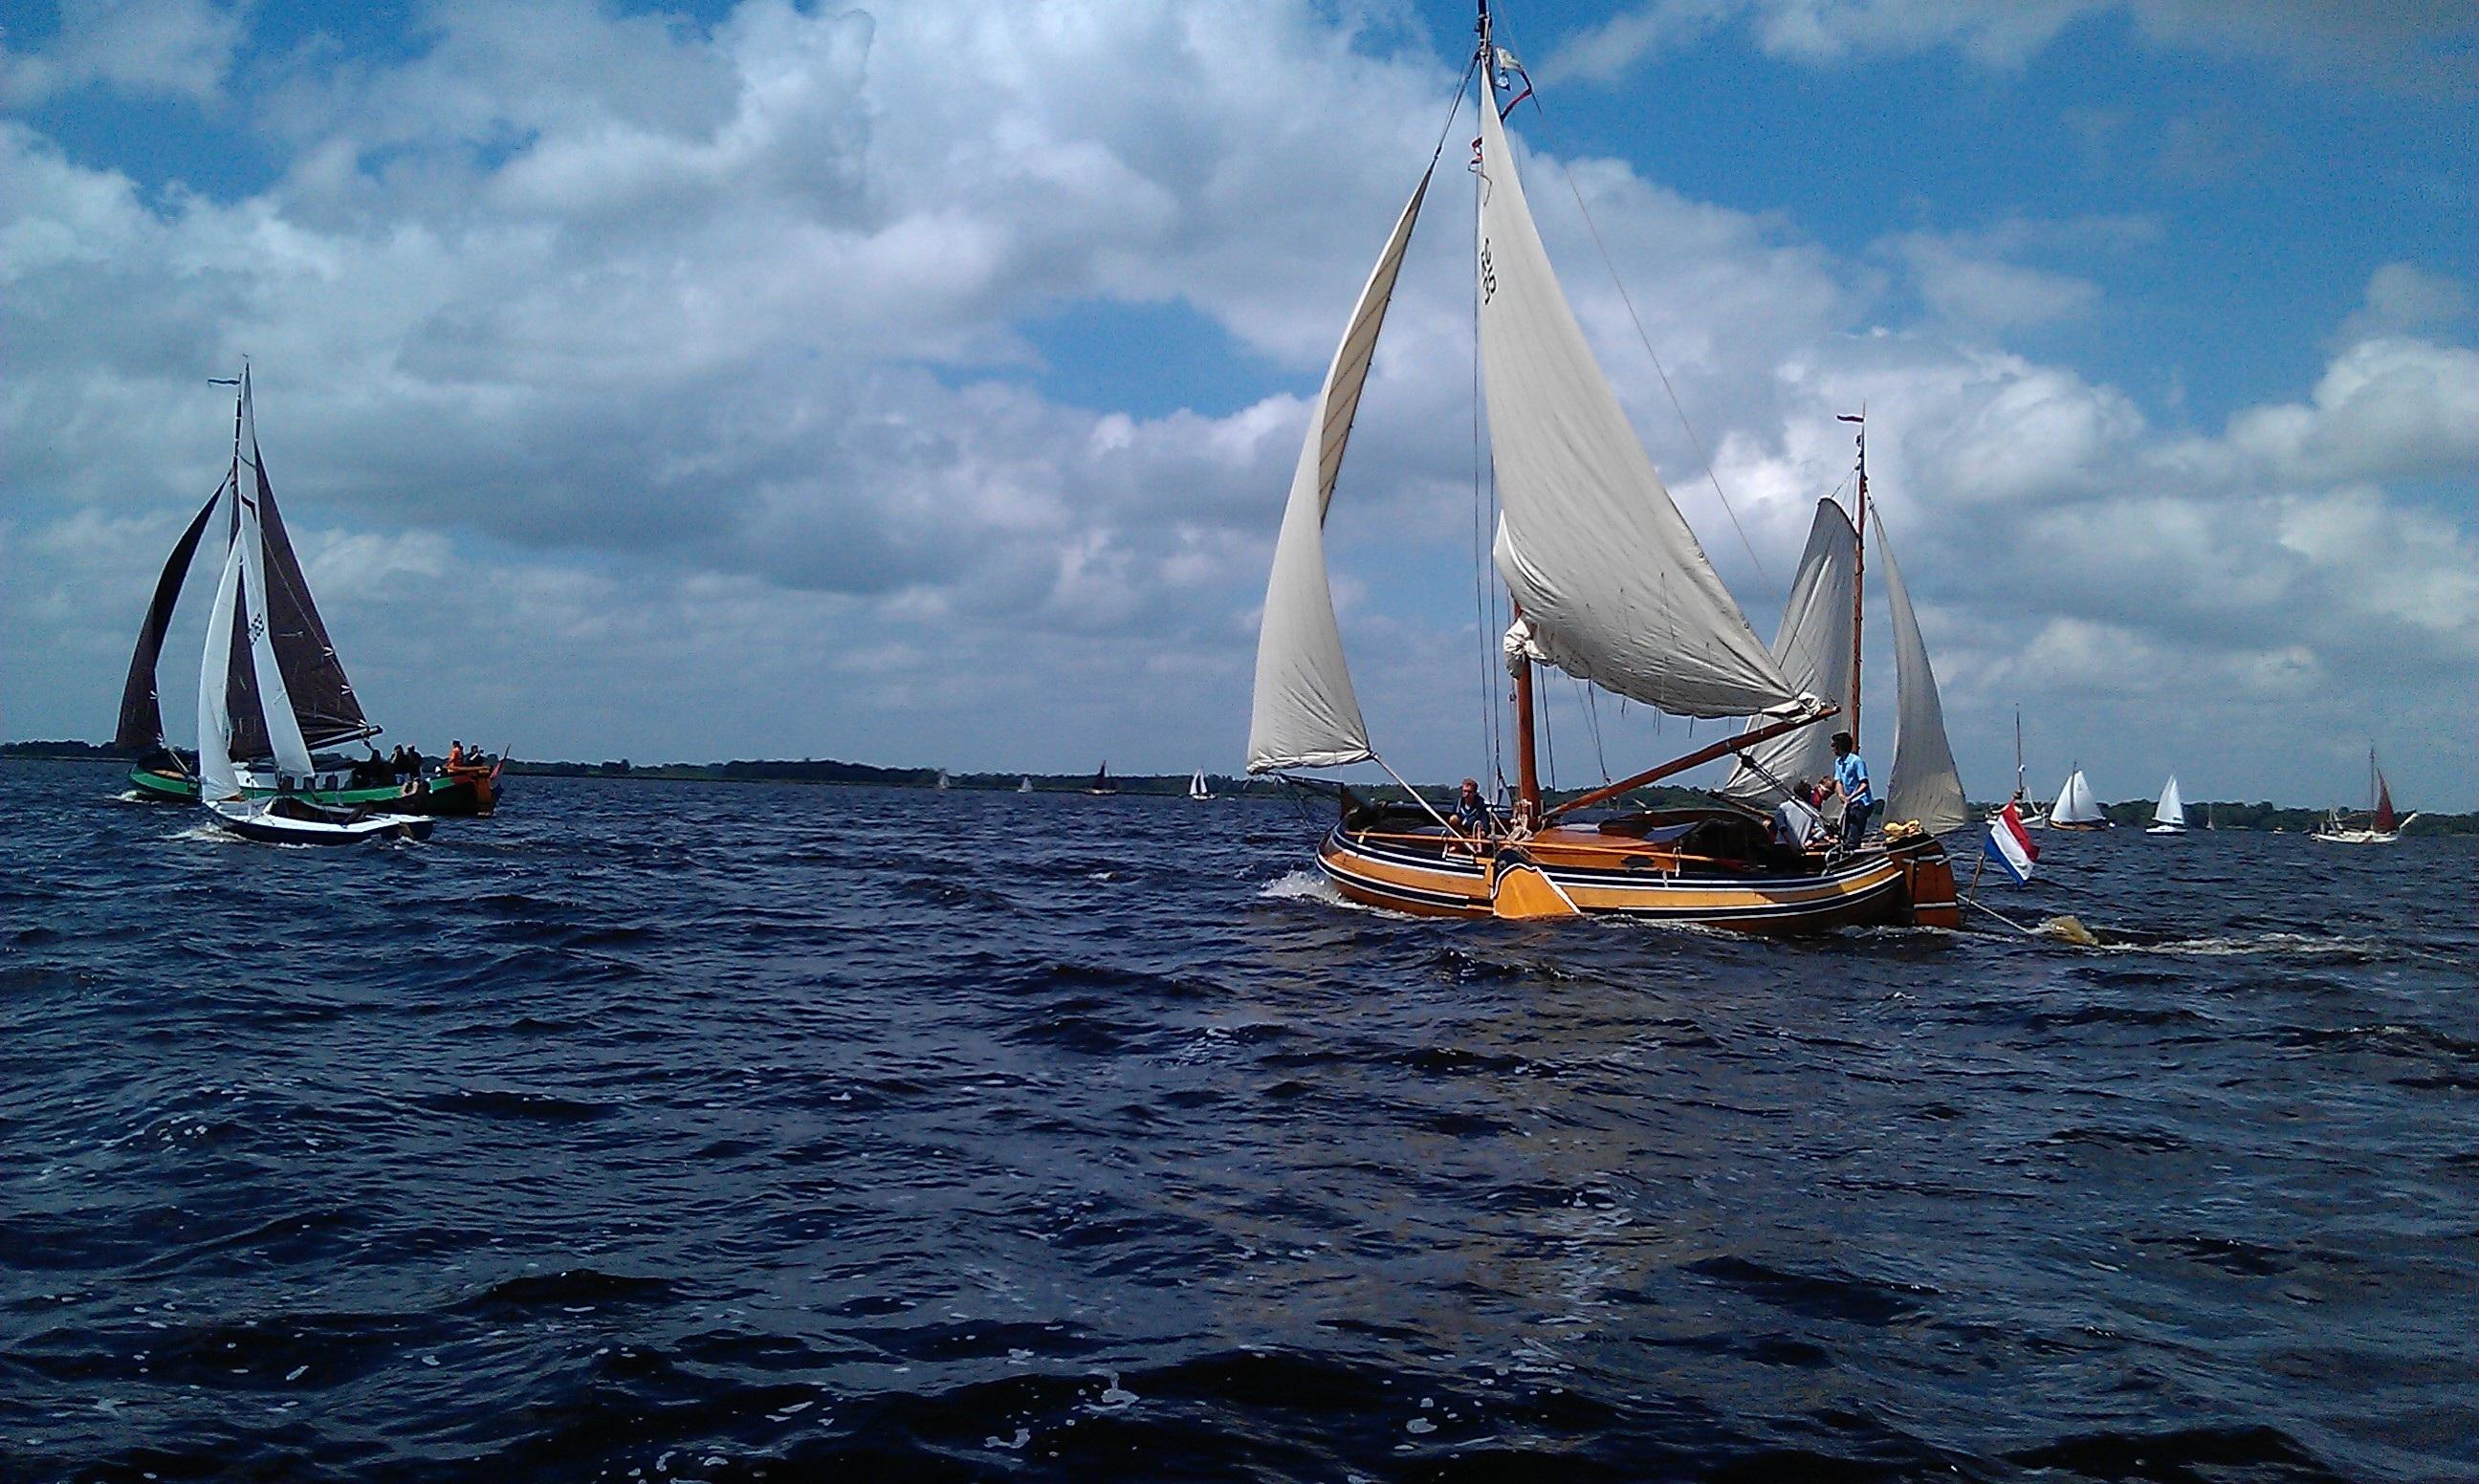 фото лодки с парусами юные годы